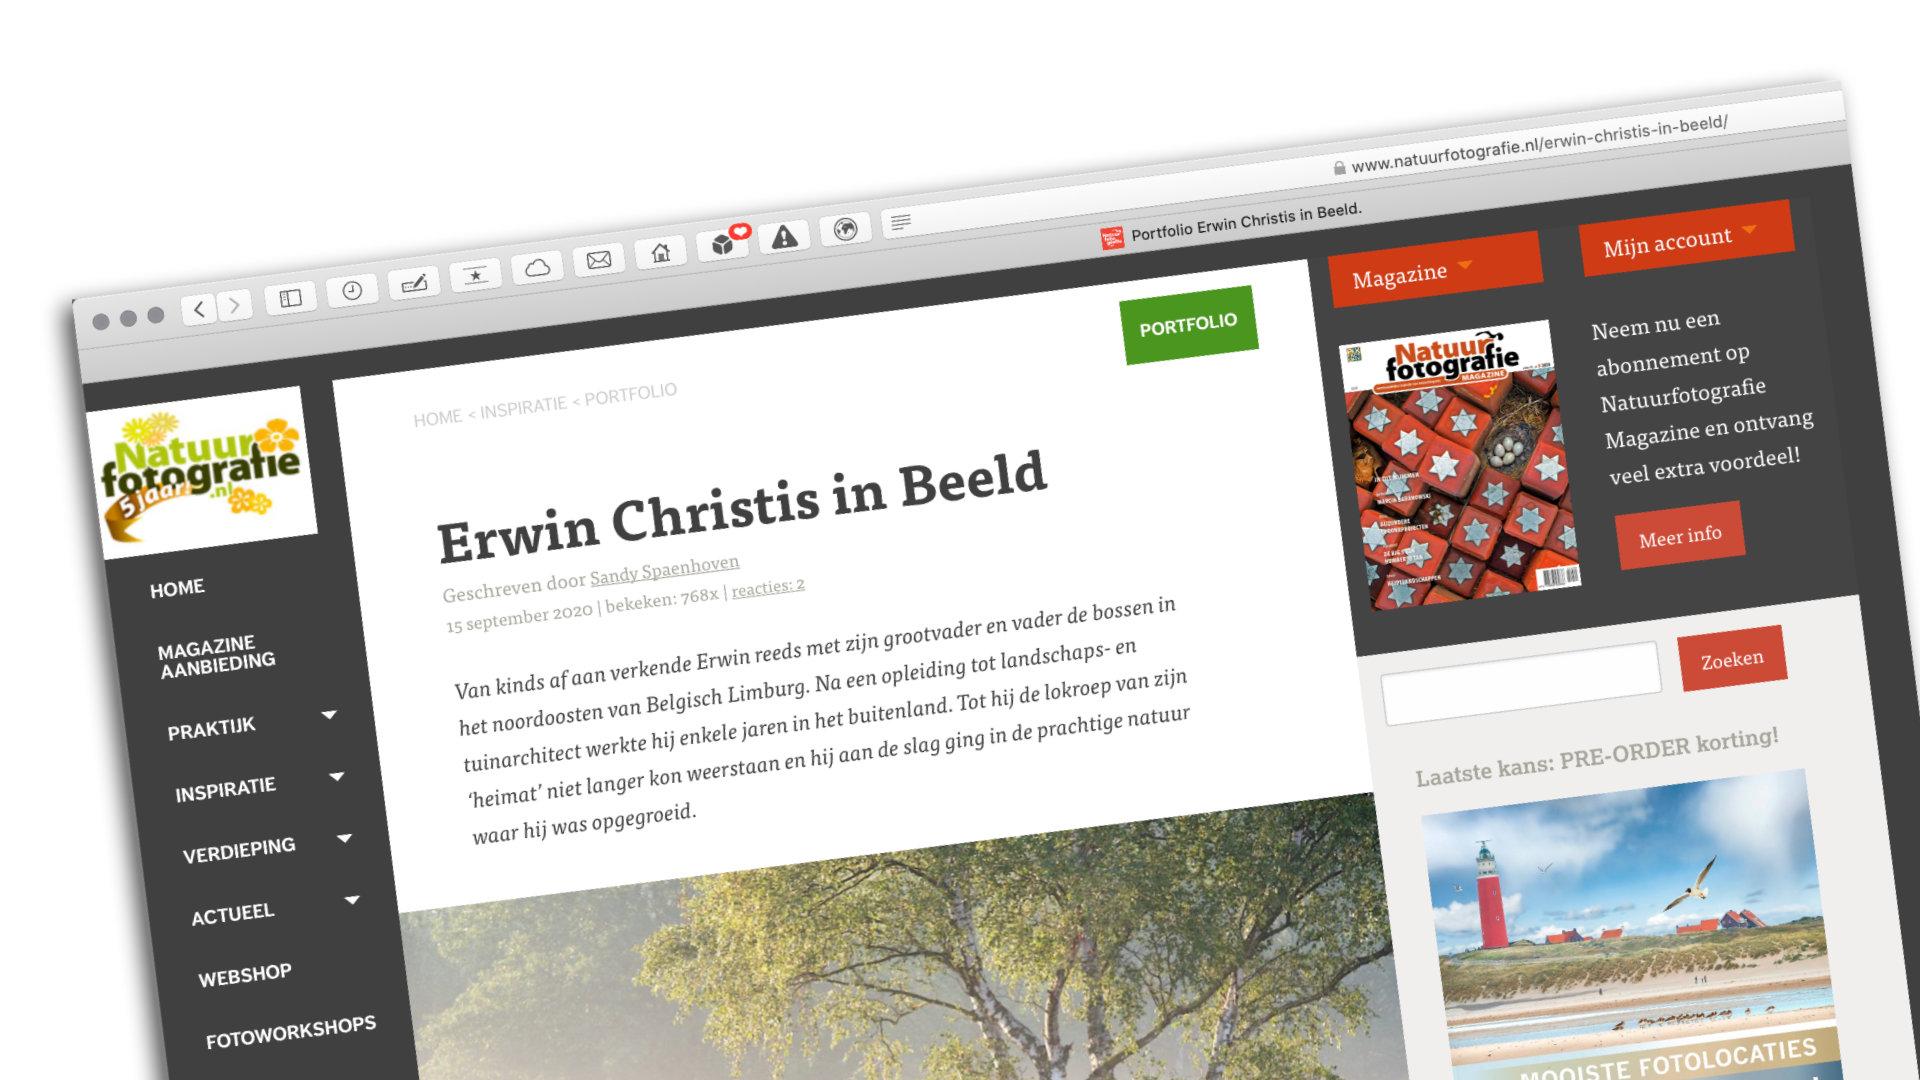 Screenshot van de website natuurfotografie.nl met een interview met mij en een portfolio